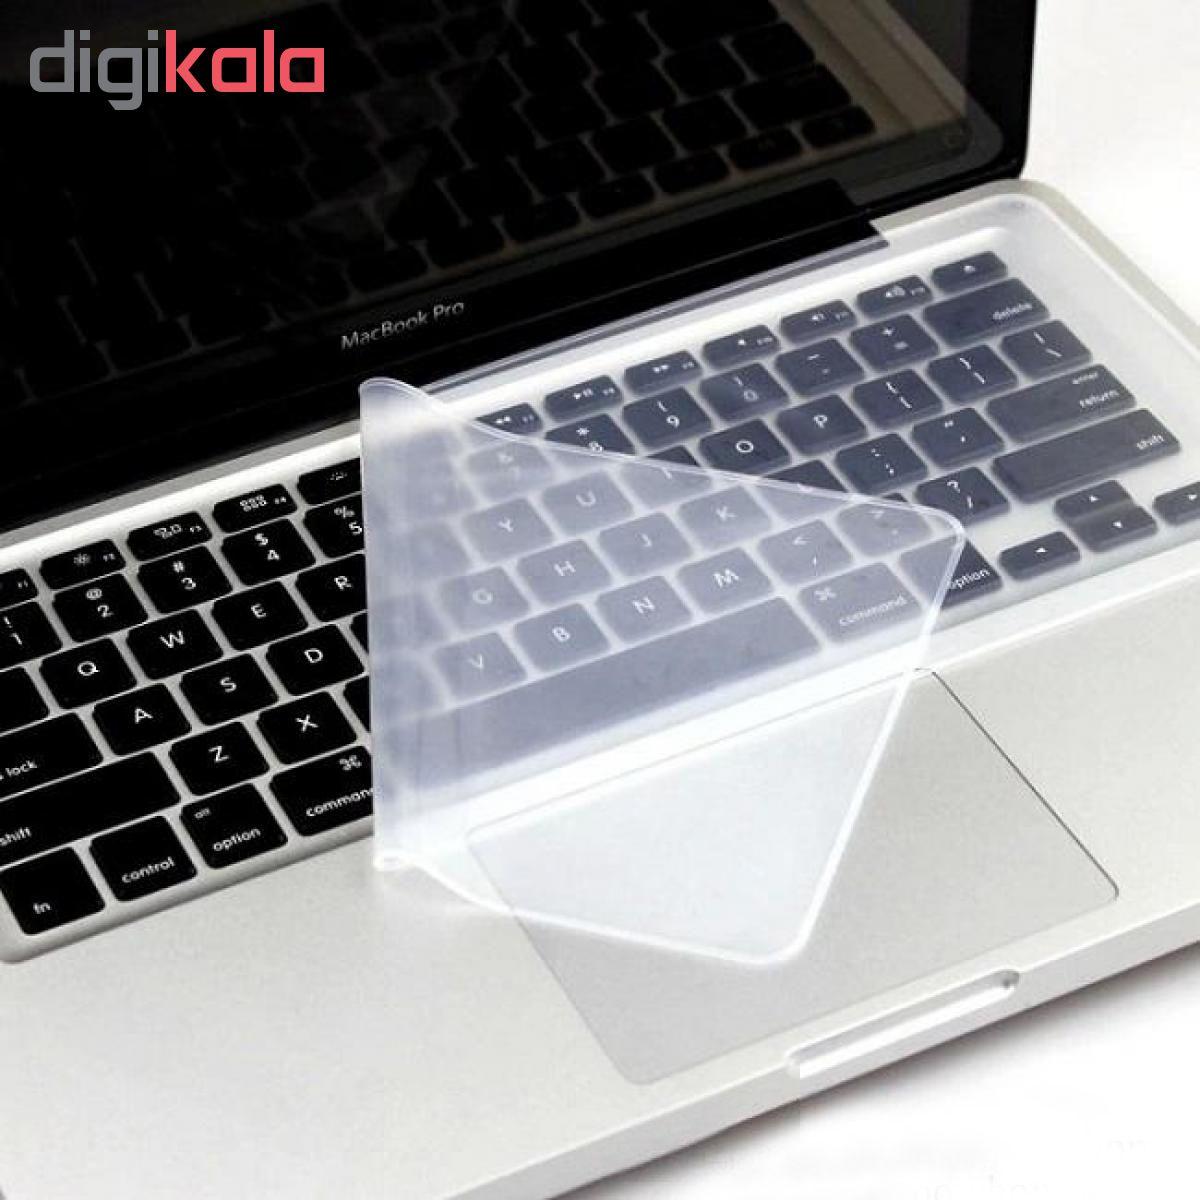 محافظ کیبورد مدل NOTEBOOK مناسب برای لپ تاپ های 14 اینچ